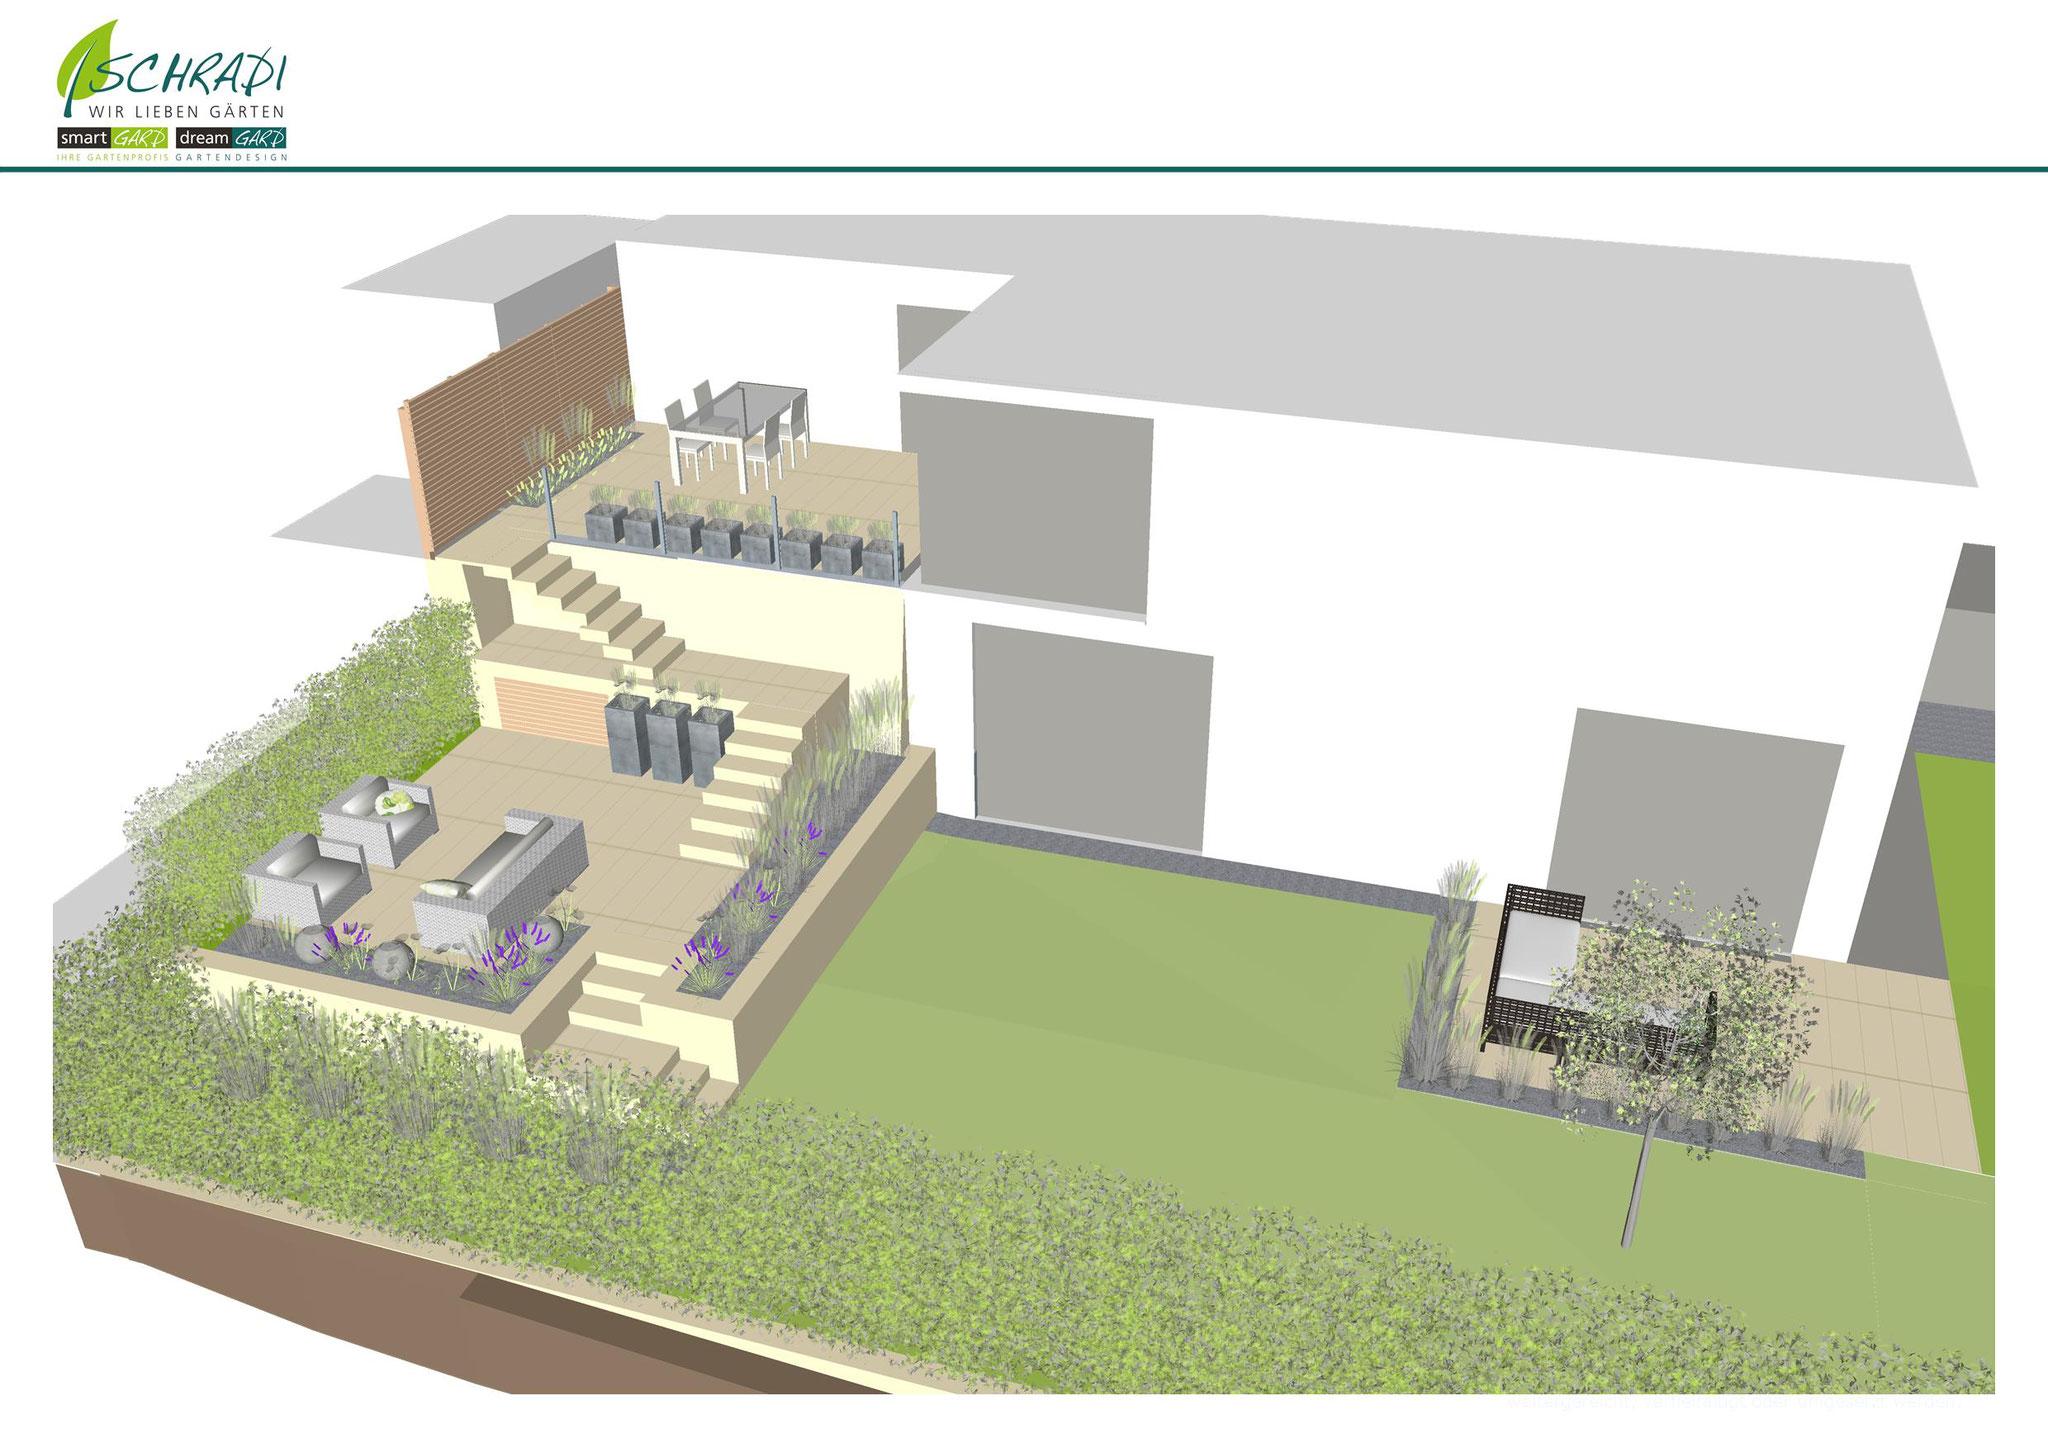 Gestaltung eines Gartens in 3D visualisiert